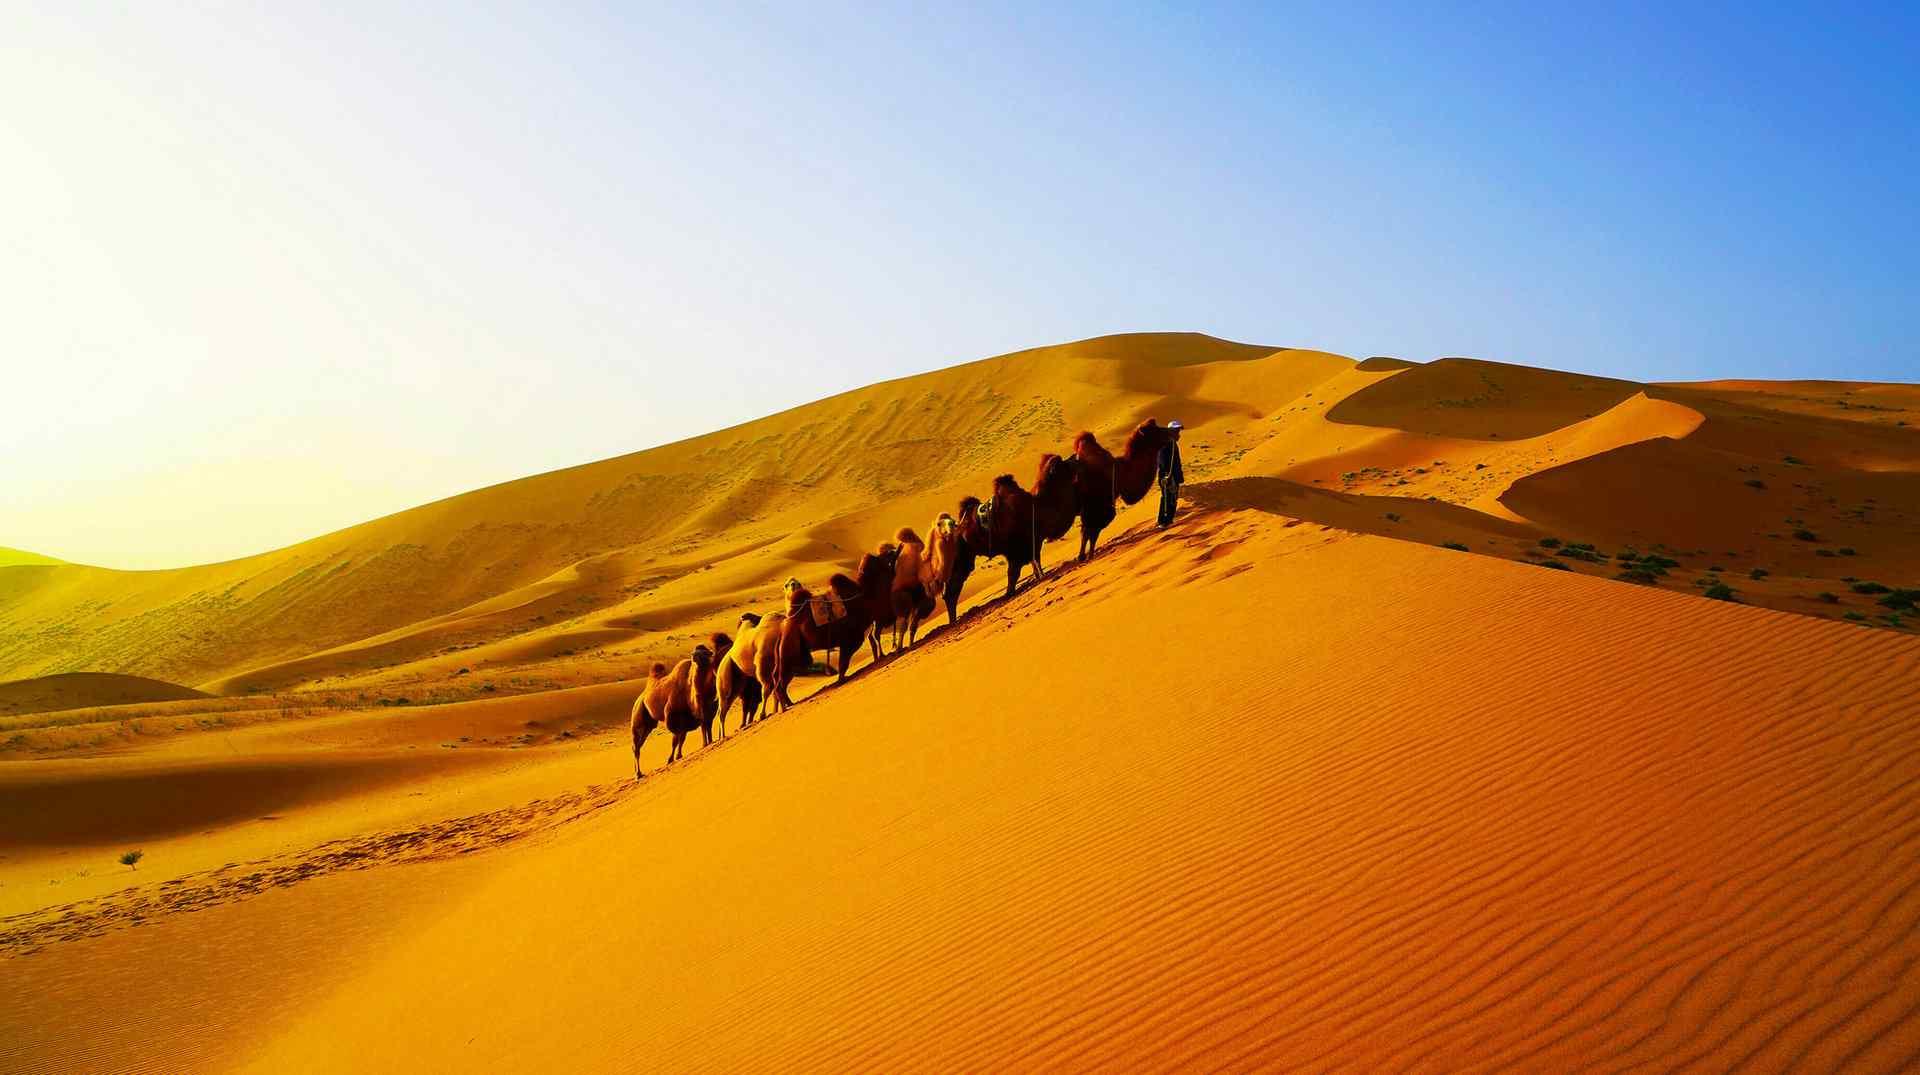 巴丹吉林沙漠风景图片电脑桌面壁纸下载